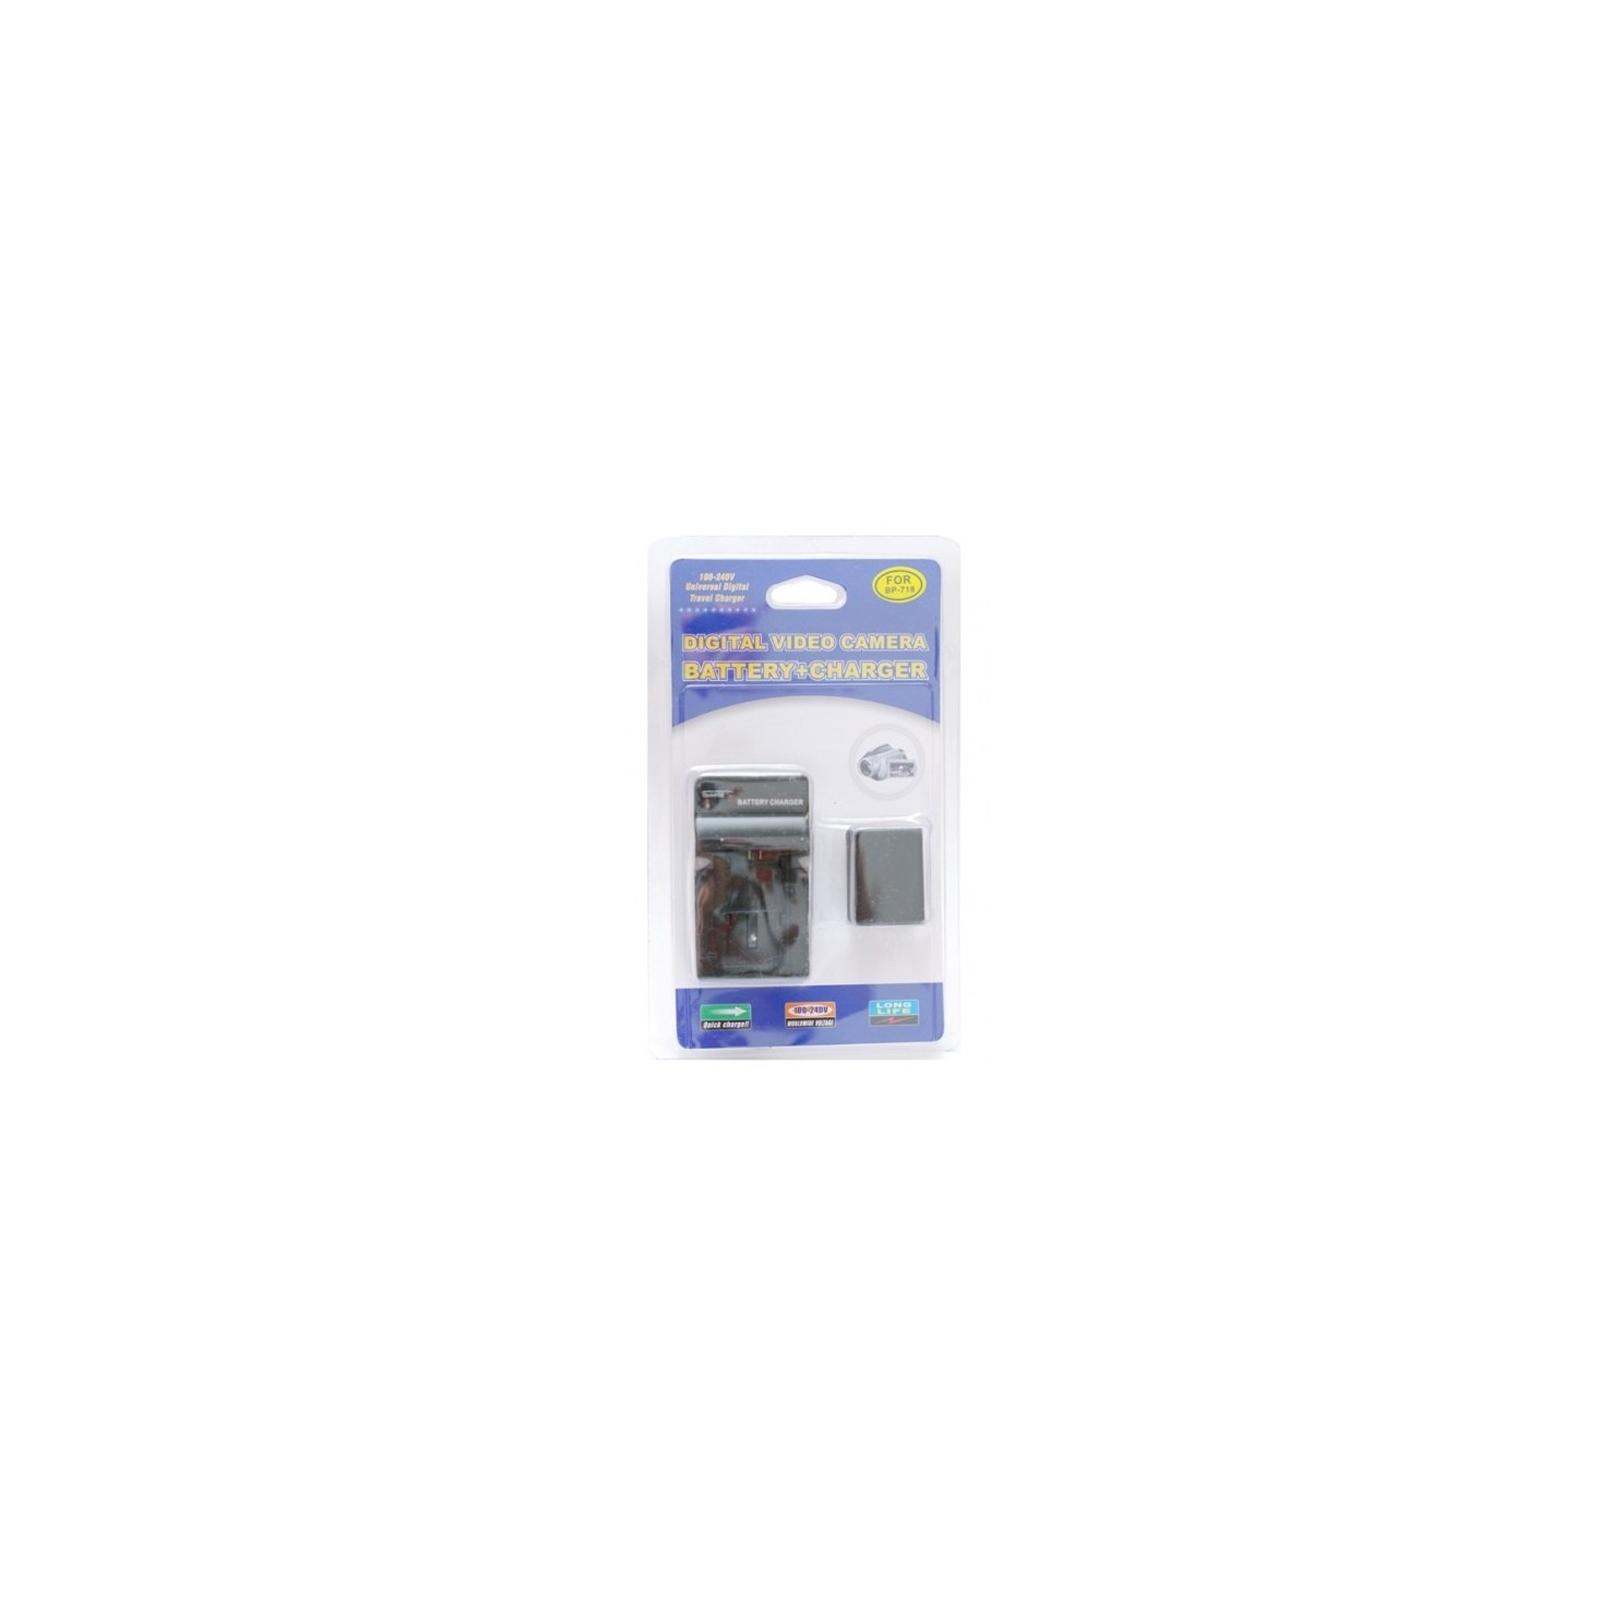 Аккумулятор к фото/видео EXTRADIGITAL Canon BP-718 + зарядное устройство (DV00DV1375) изображение 4